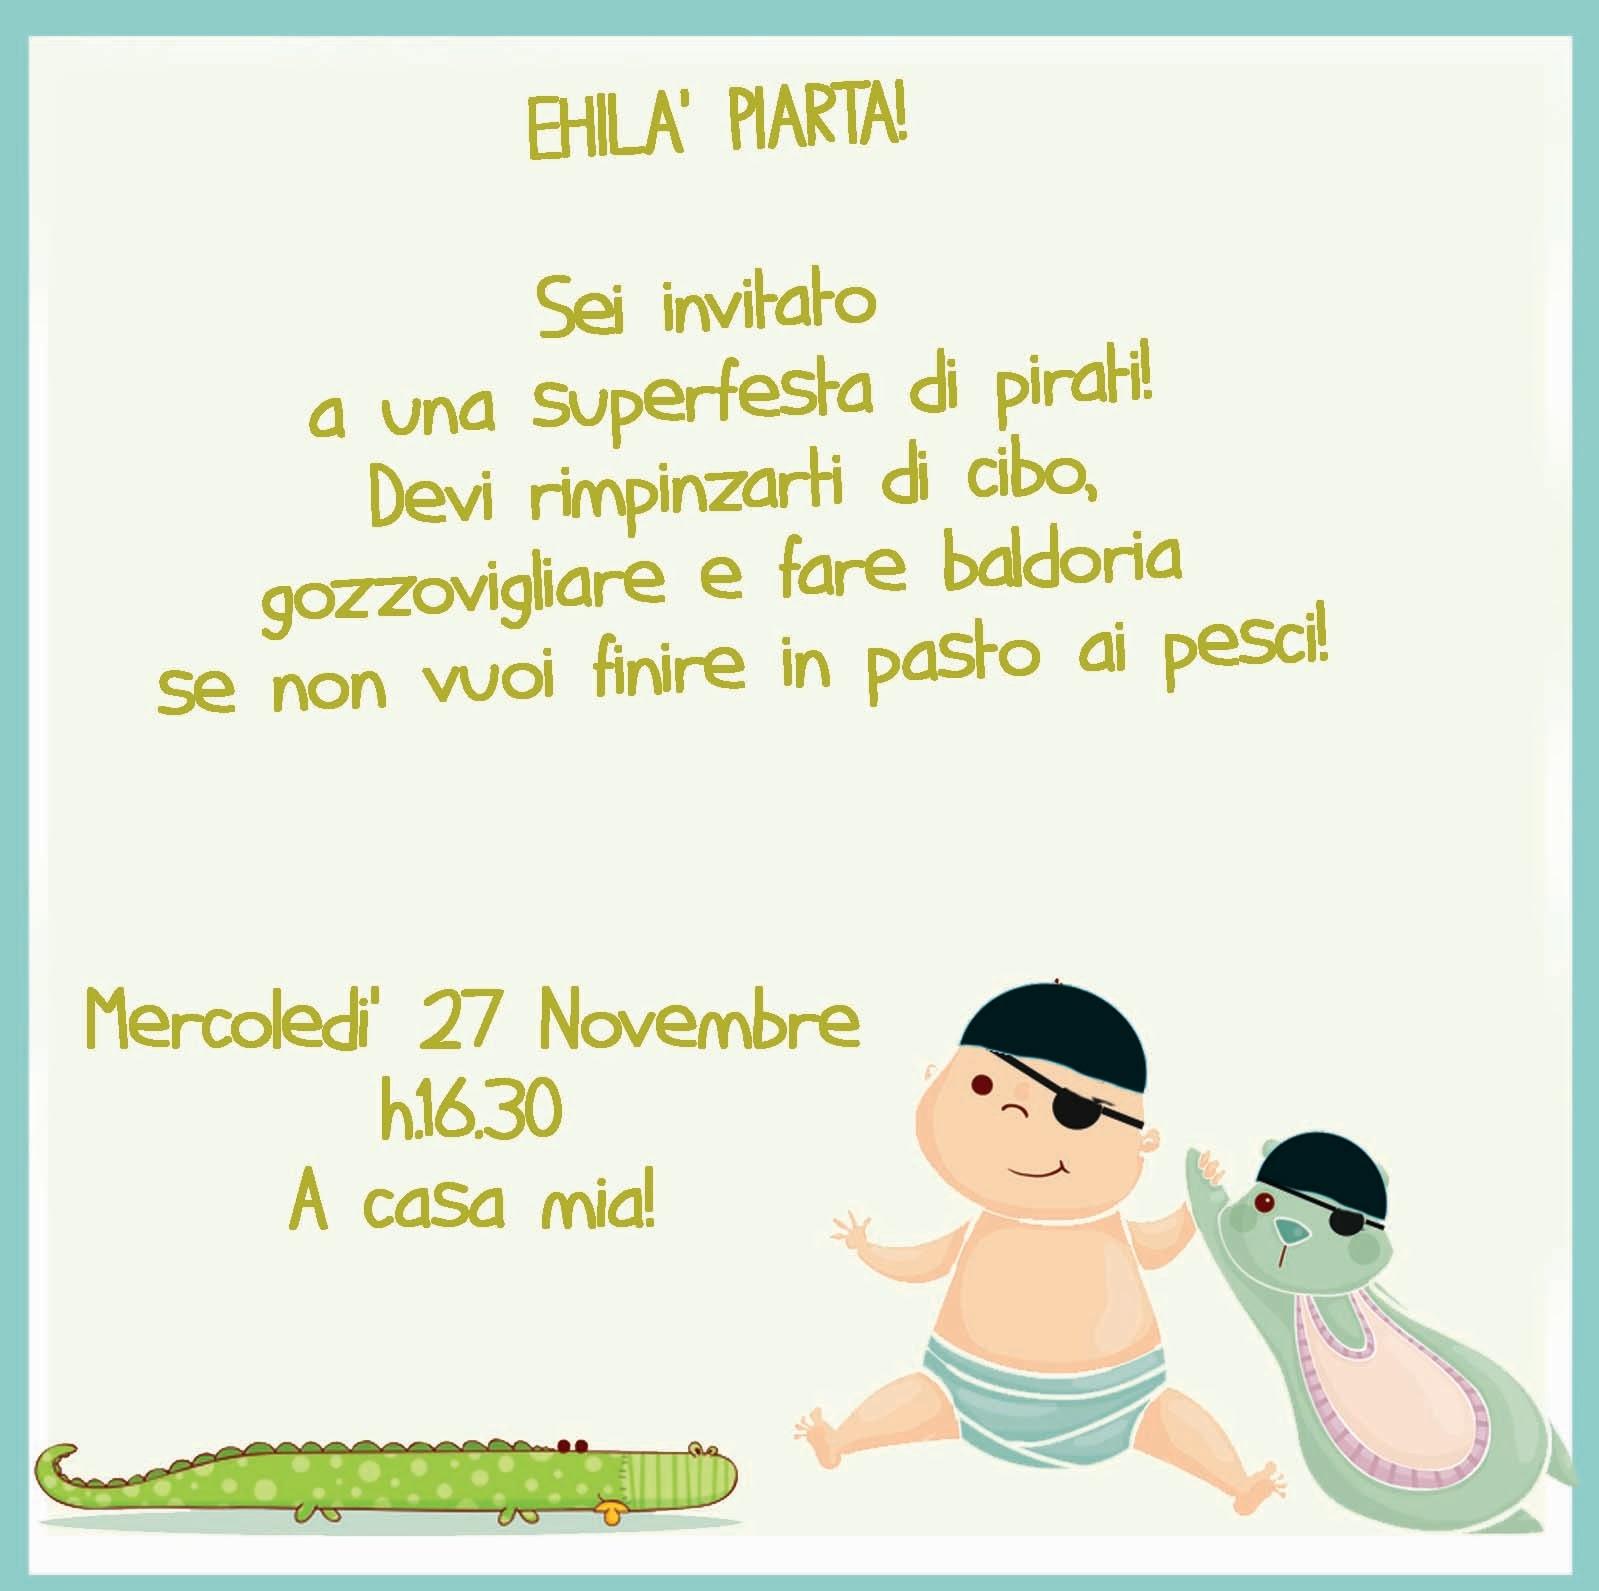 Frasi per compleanno invito barbarasoliman - Buon pranzo in spagnolo ...